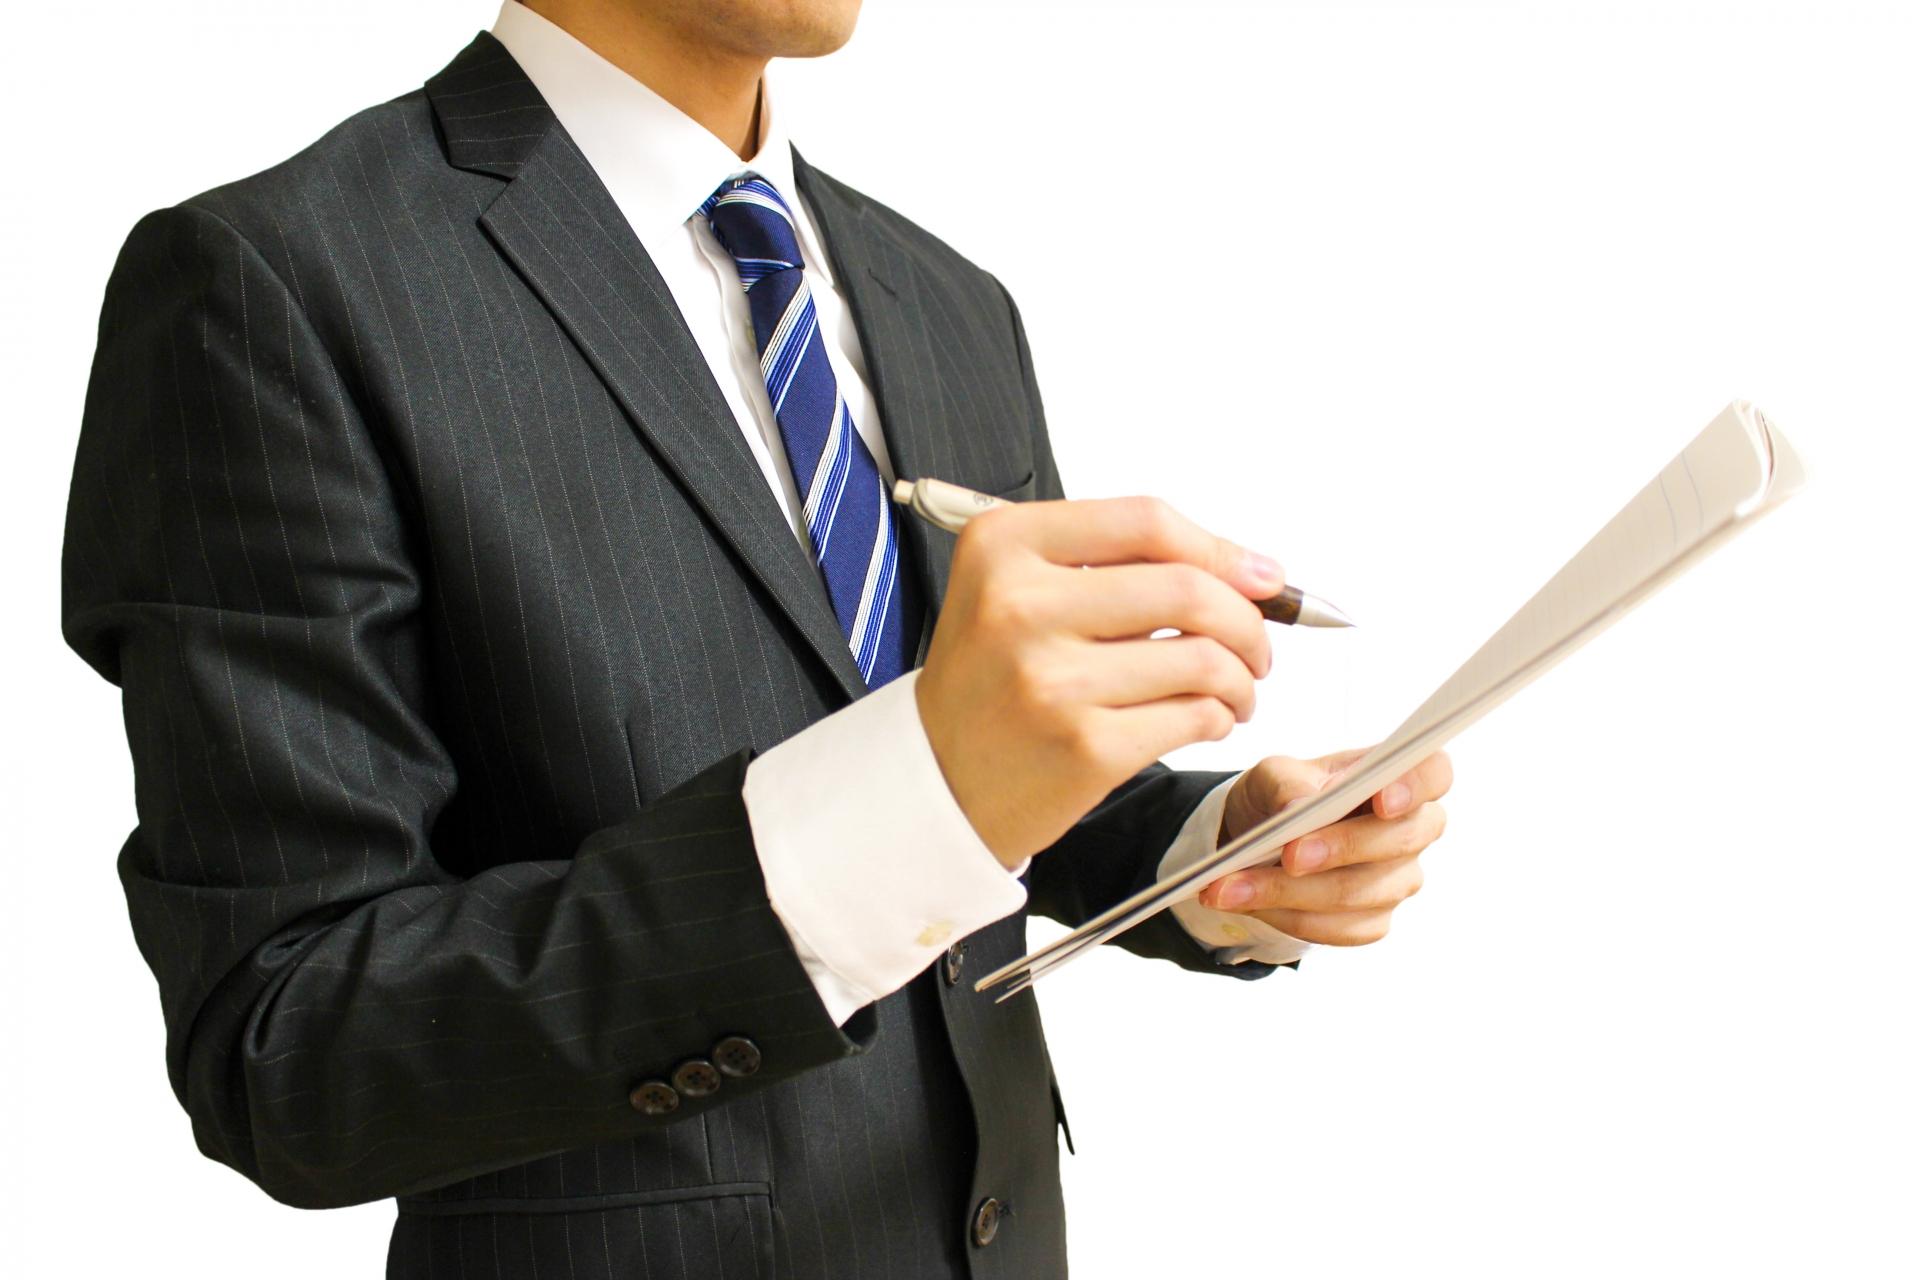 確定申告書の書き方のコツ。しっかり必要書類準備で簡単スムーズ作成